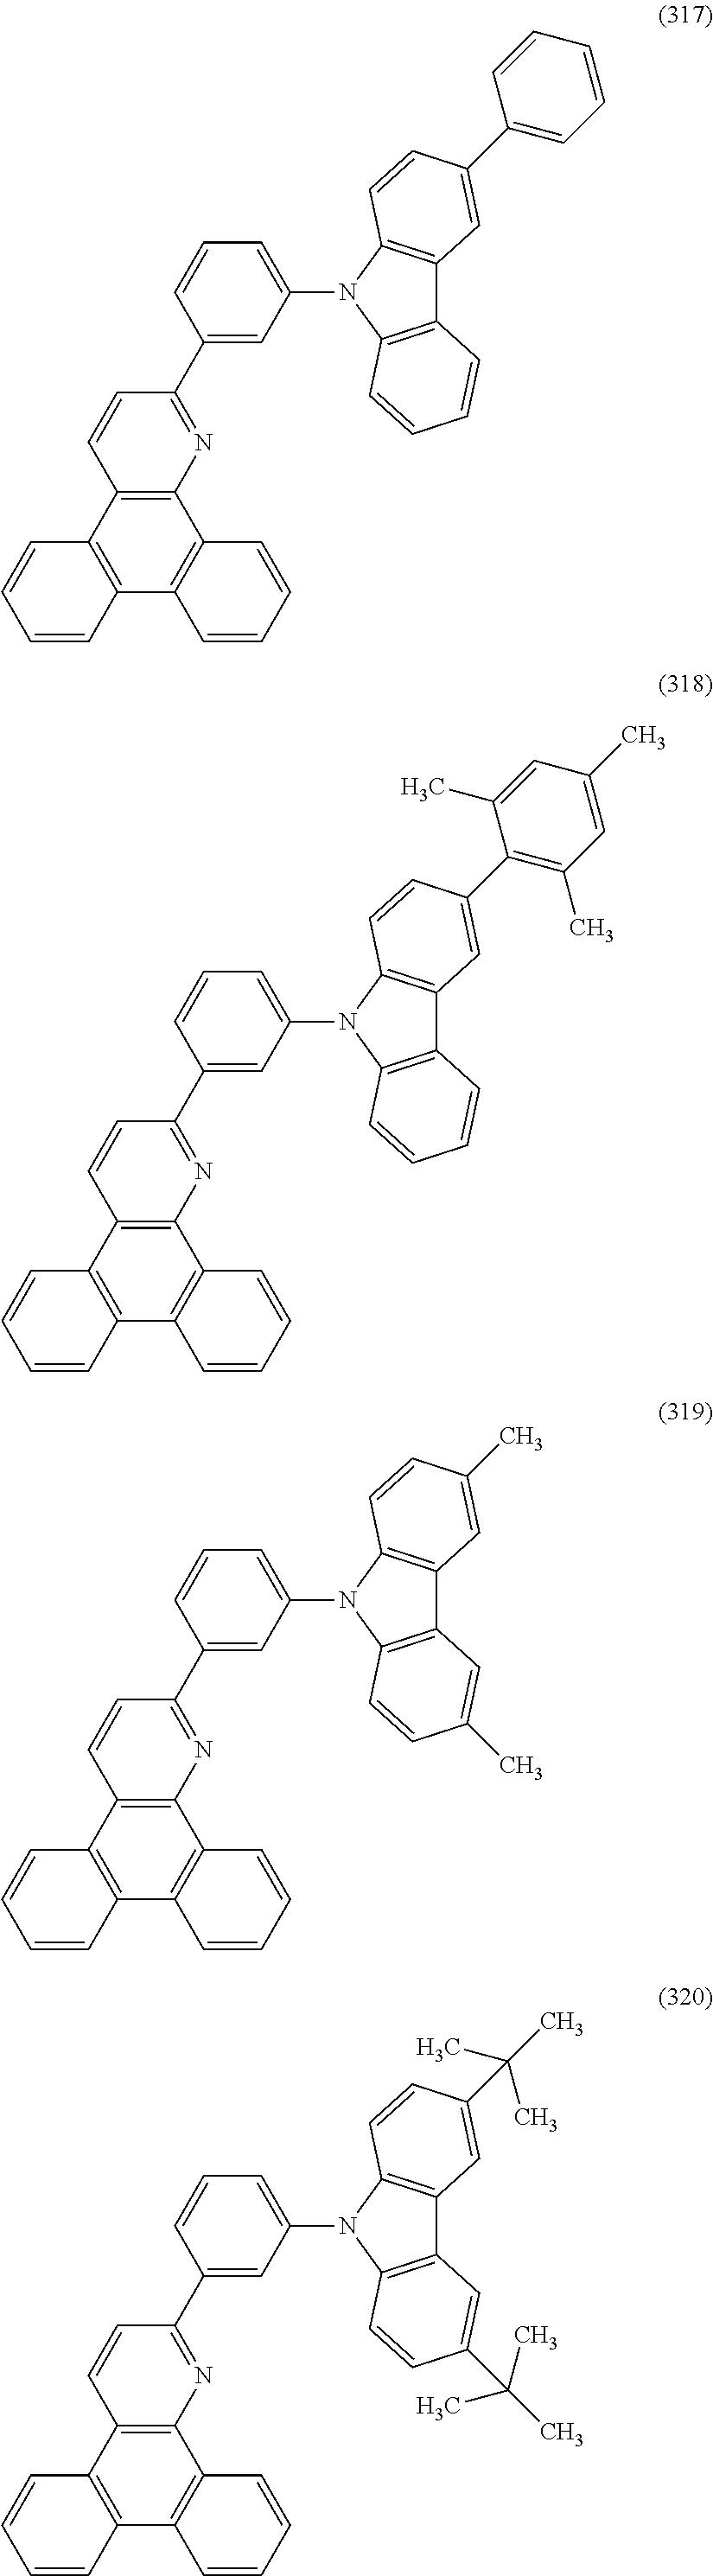 Figure US09843000-20171212-C00056